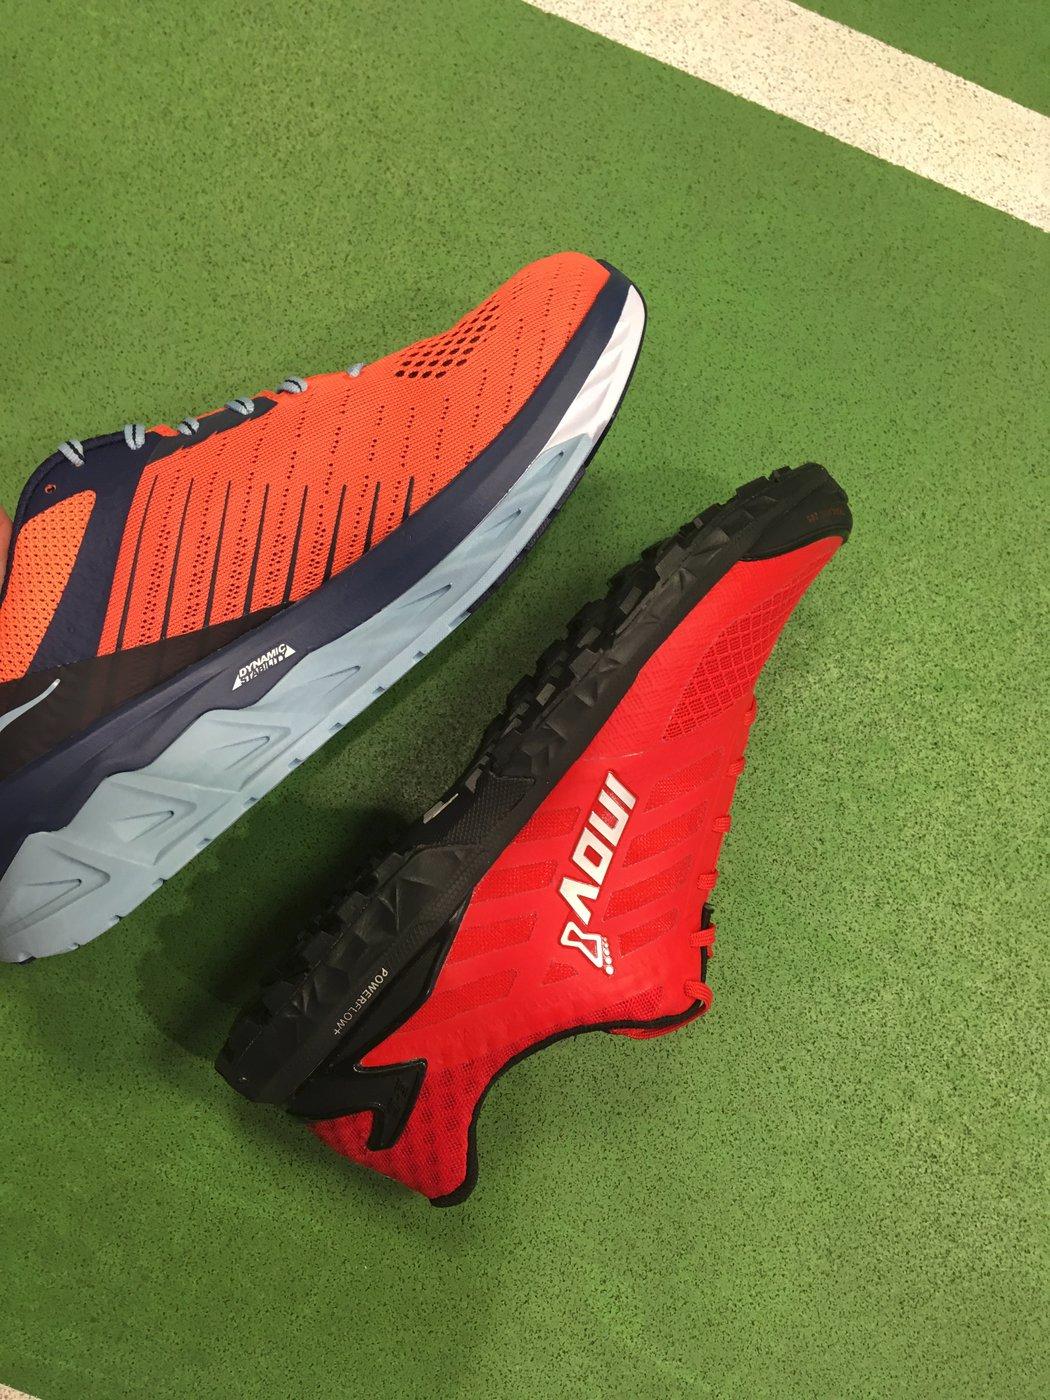 Mohutné tlumení silničních bot pro maximální tlumení nárazů vs nižší vrstva tlumení krosové boty určené do terénu